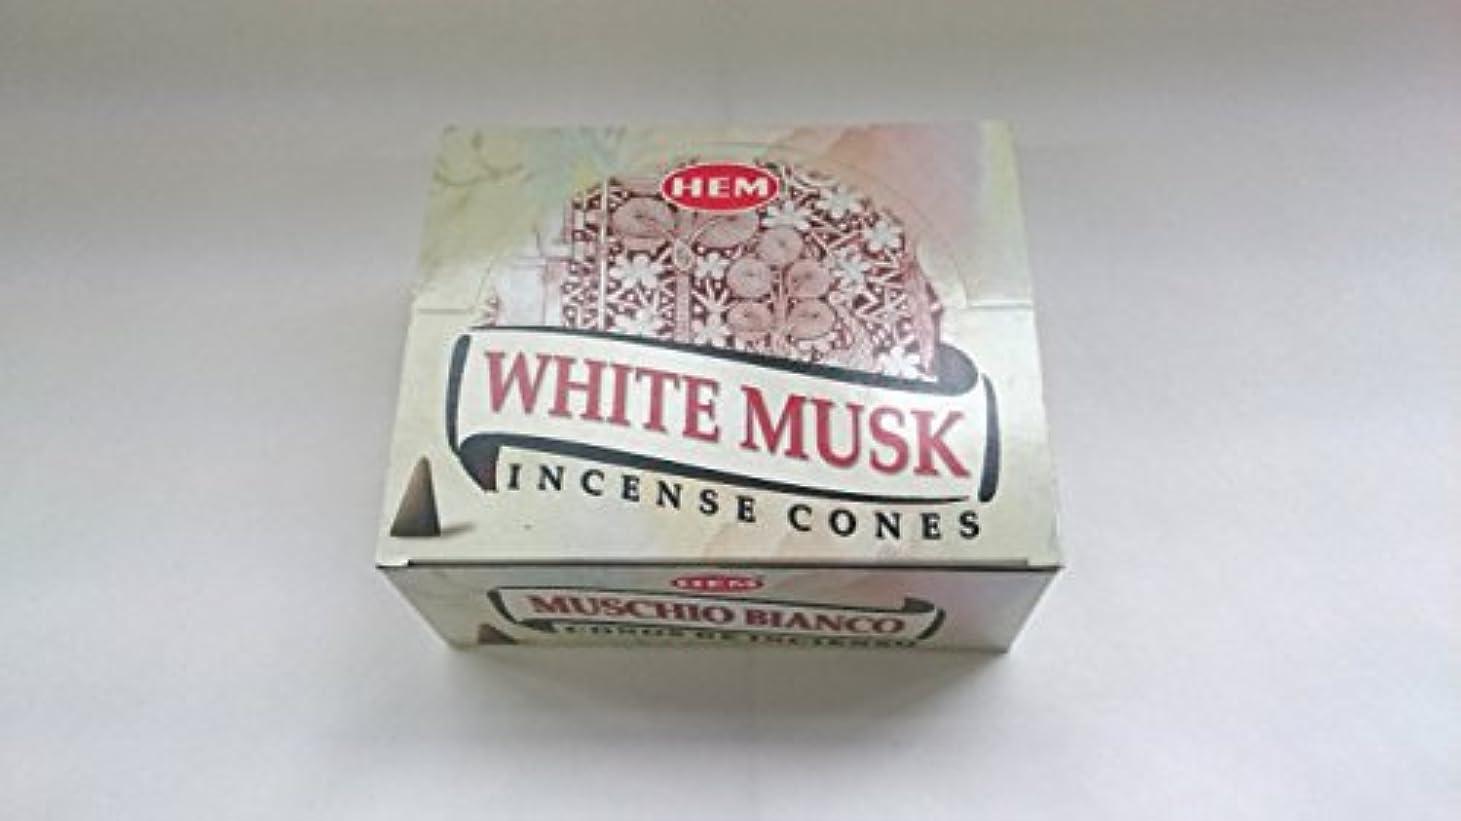 HEM(ヘム)お香 ホワイトムスク コーンタイプ 1ケース(10粒入り1箱×12箱)